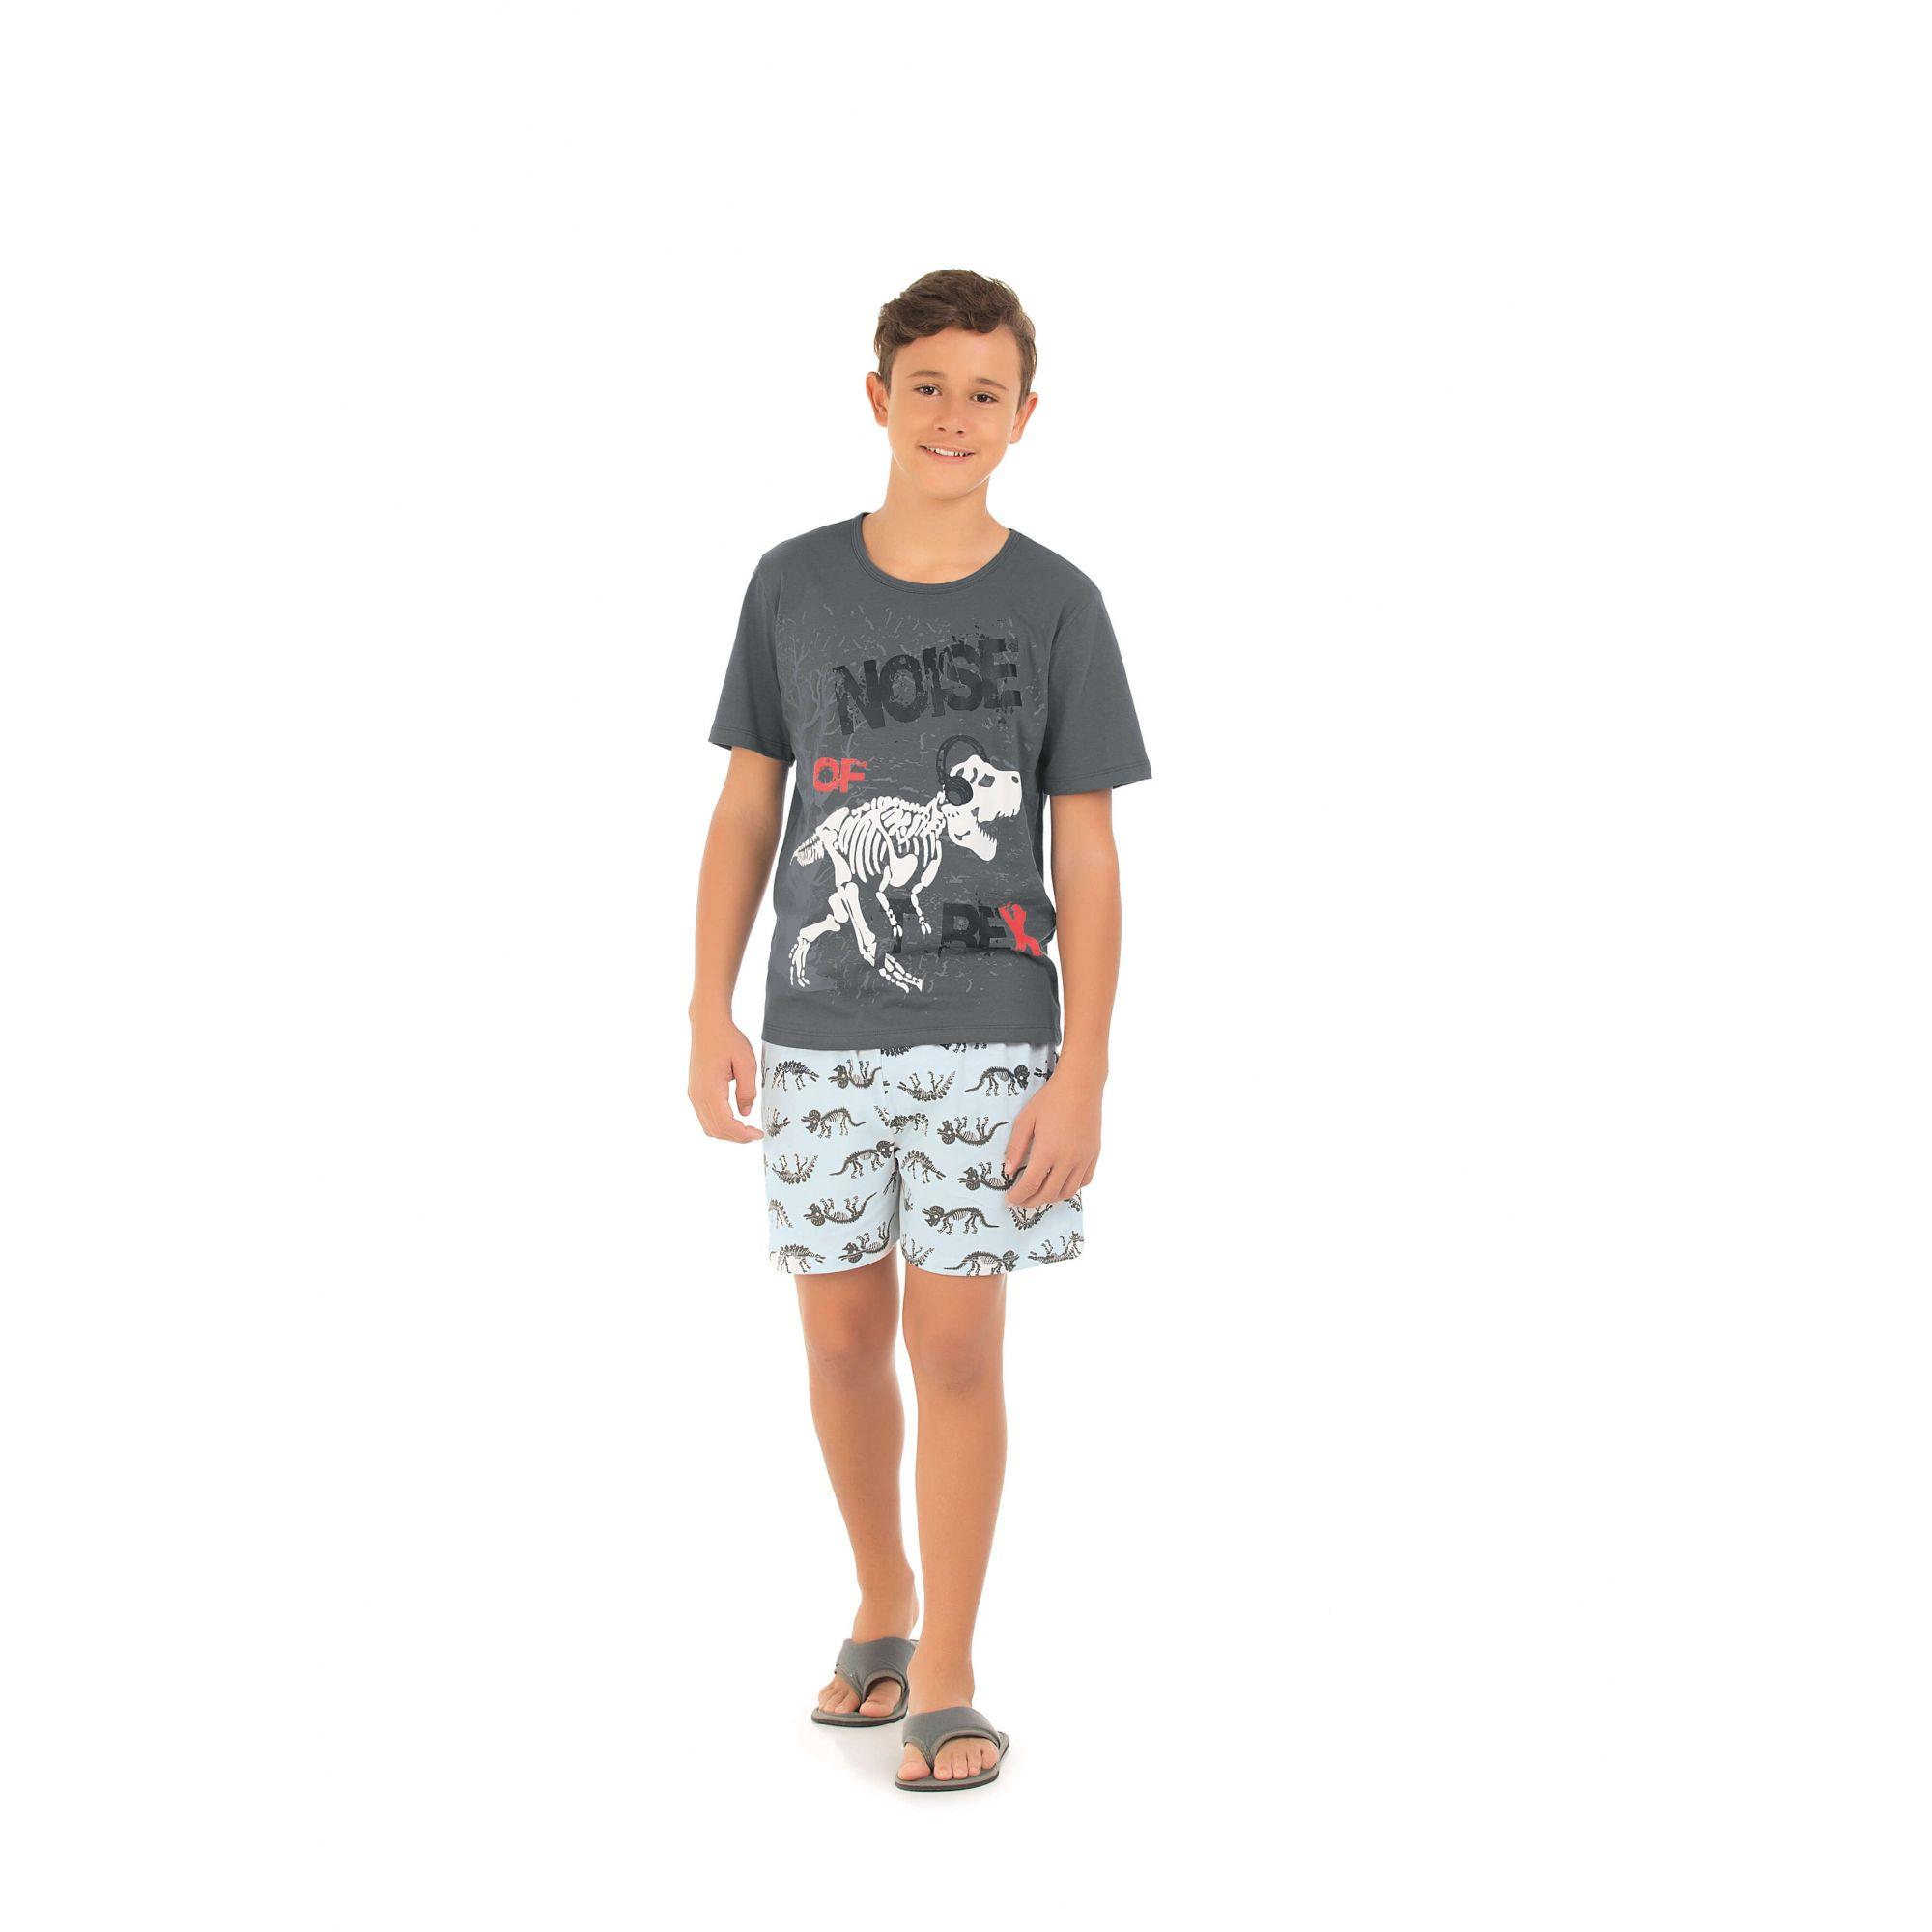 Pijama Juvenil Curto - Chumbo